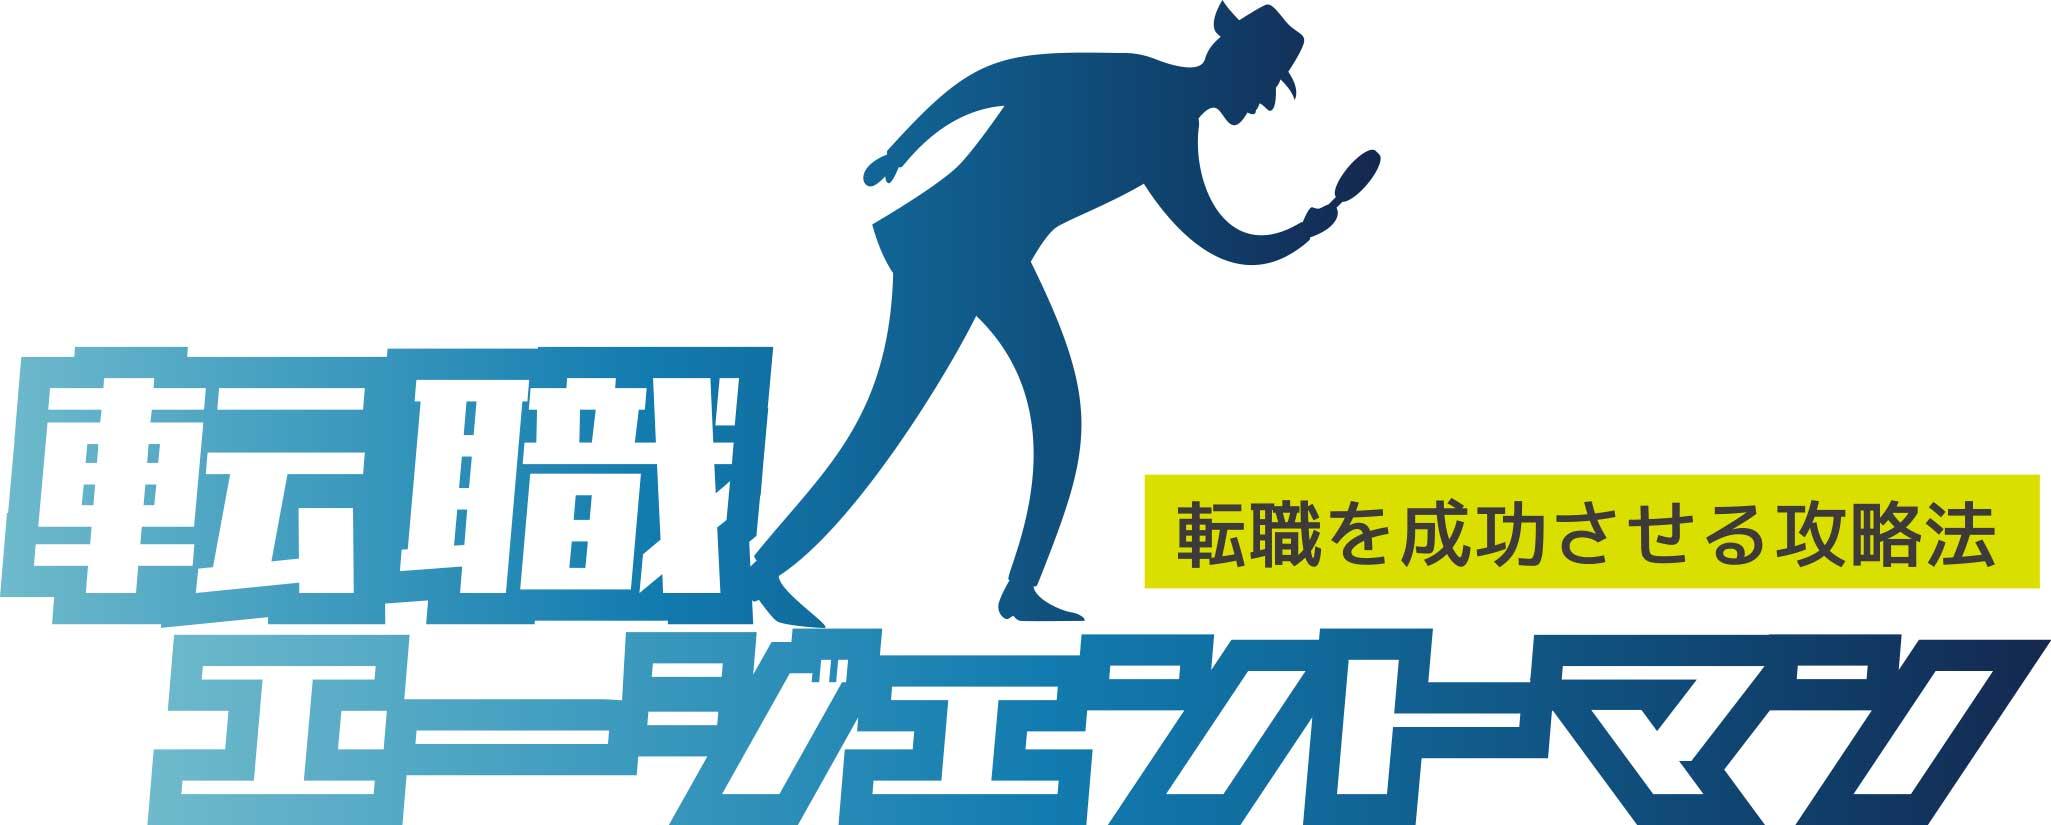 【転職エージェントマン】転職を成功させる攻略法